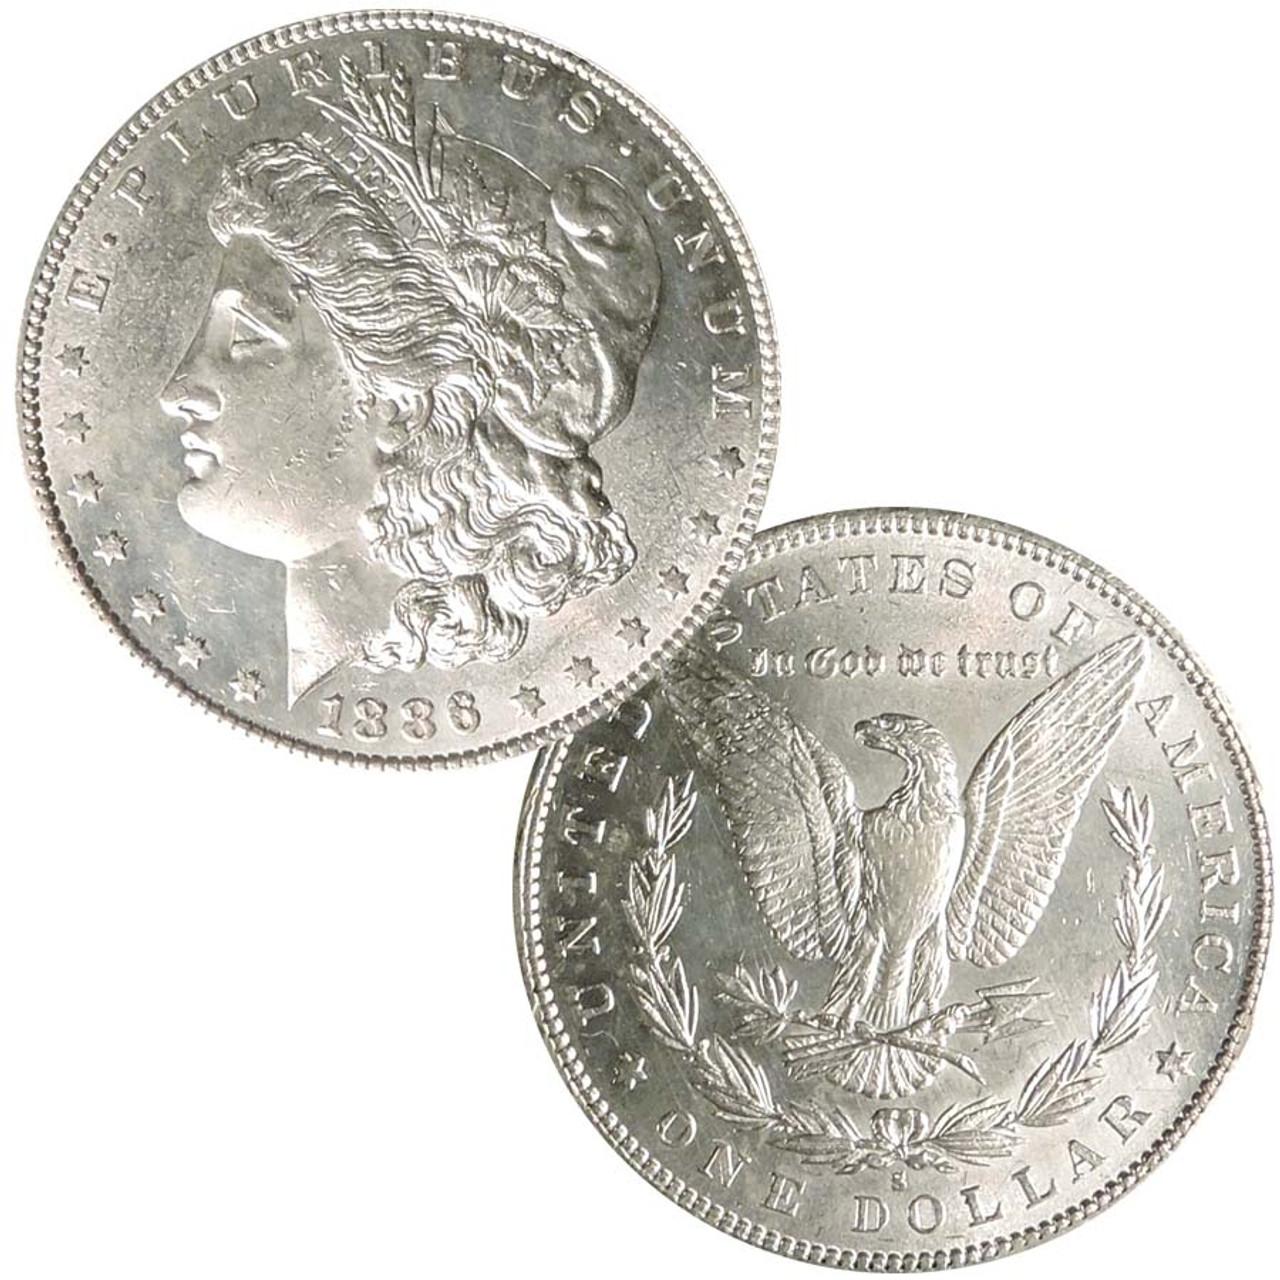 1886-S Morgan Silver Dollar Brilliant Uncirculated Image 1